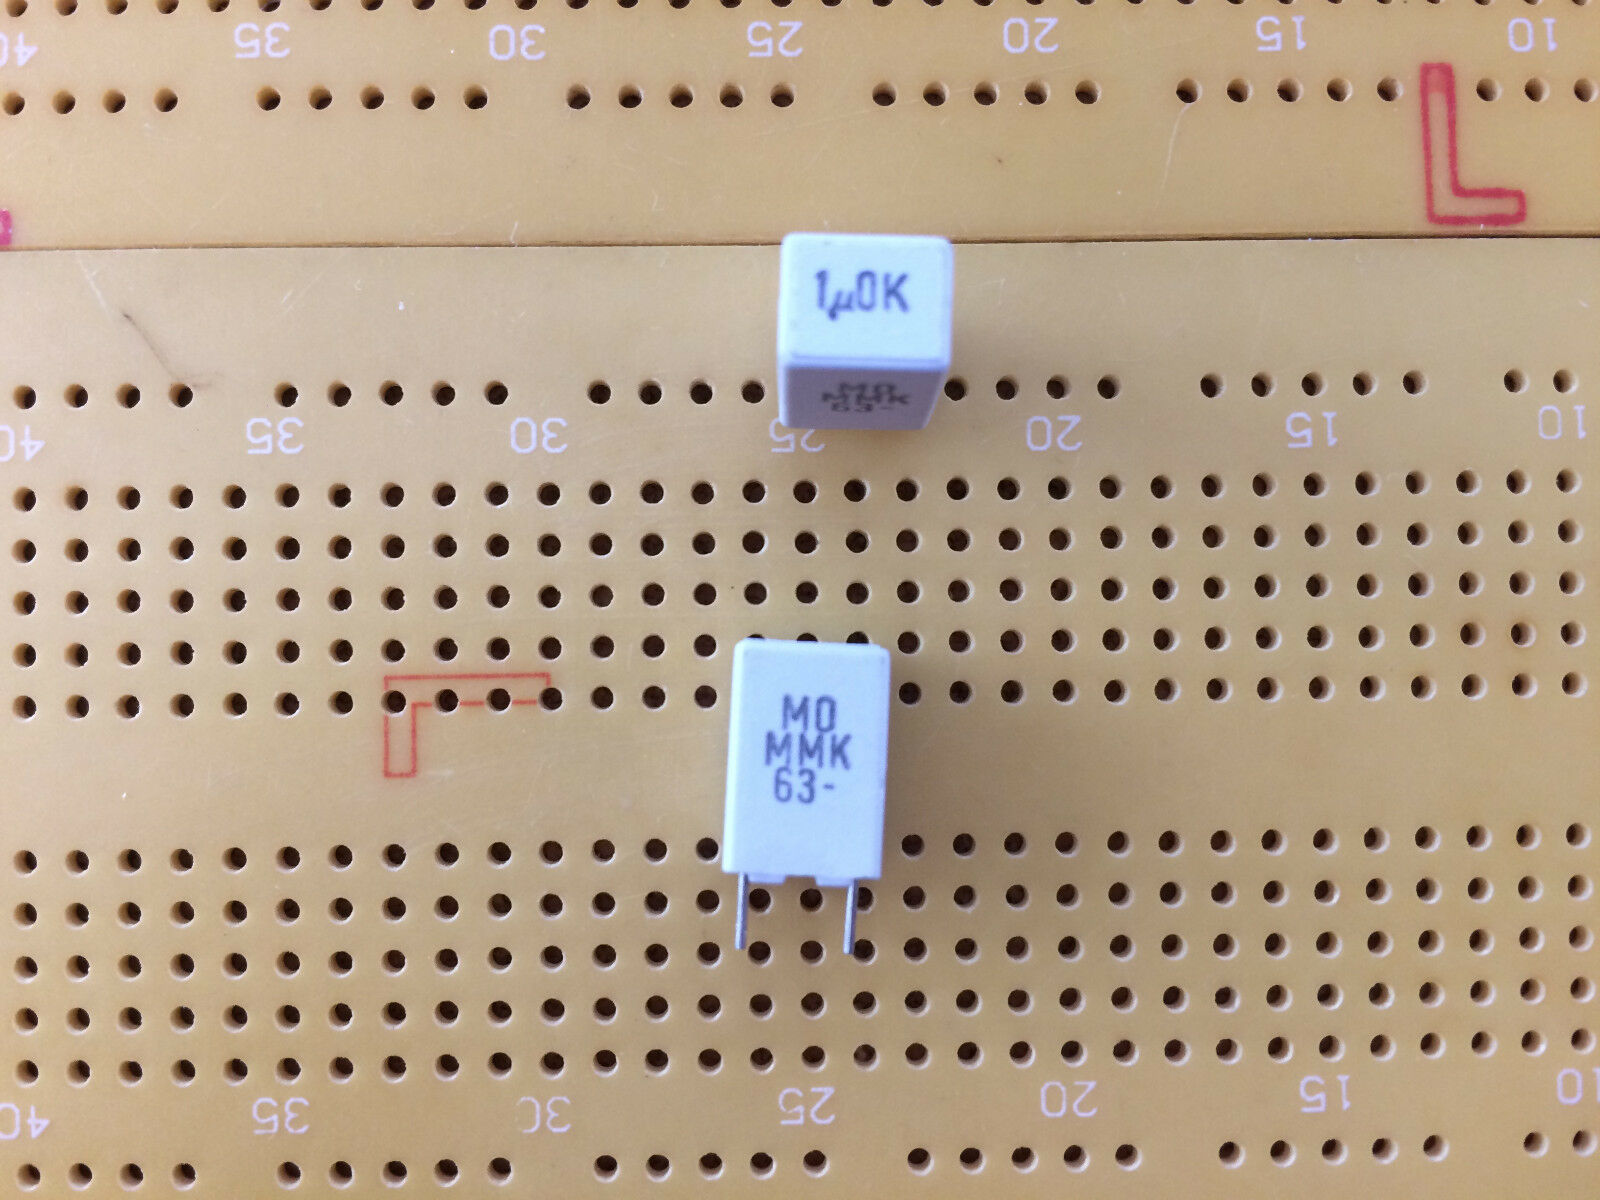 33nF 100nF 220nF 470nF 1uF 2.2uF 3.3uF 3.3uF 3.3uF 4.7uF 50 V 63 V 100 V polyester condensateur 037d3f